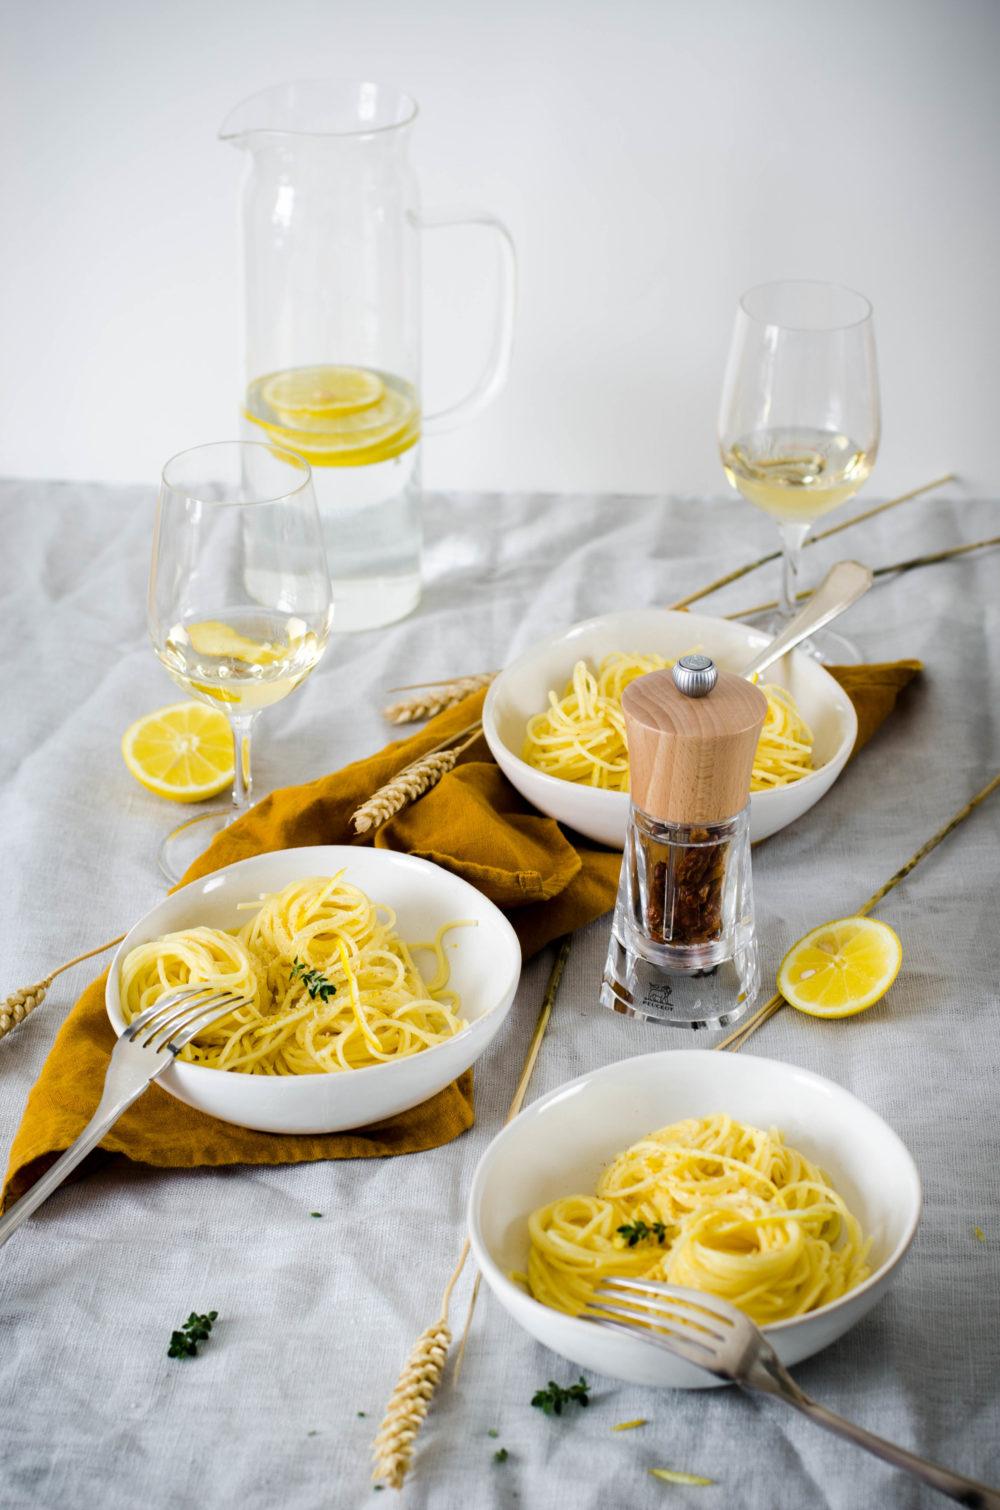 peugeot saveur pate au citron et piment